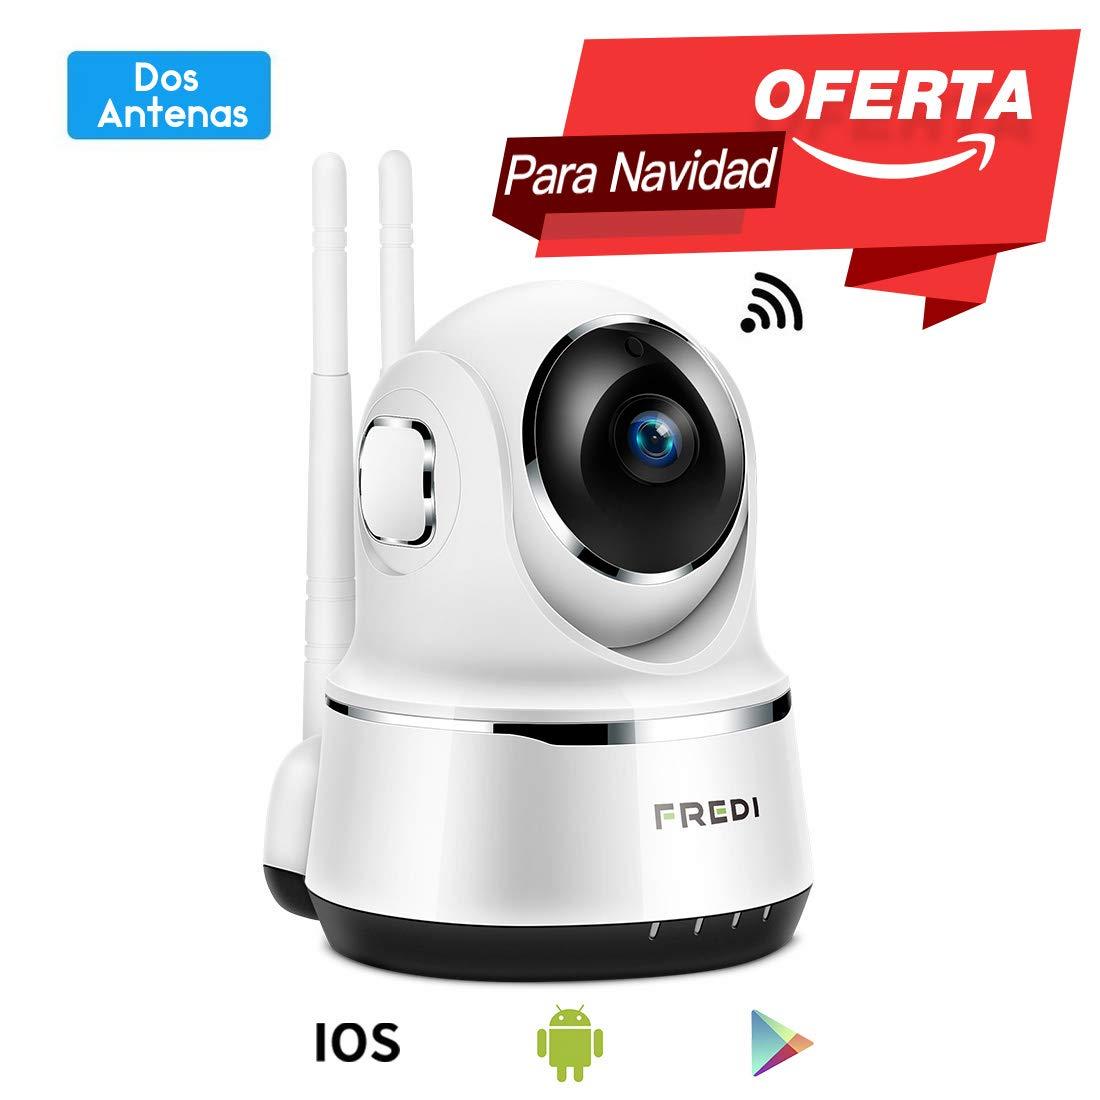 Pan/Tilt FREDI WiFi Cámara IP/Cámara de Vigilancia/Cámara Seguridad y Inalámbrica